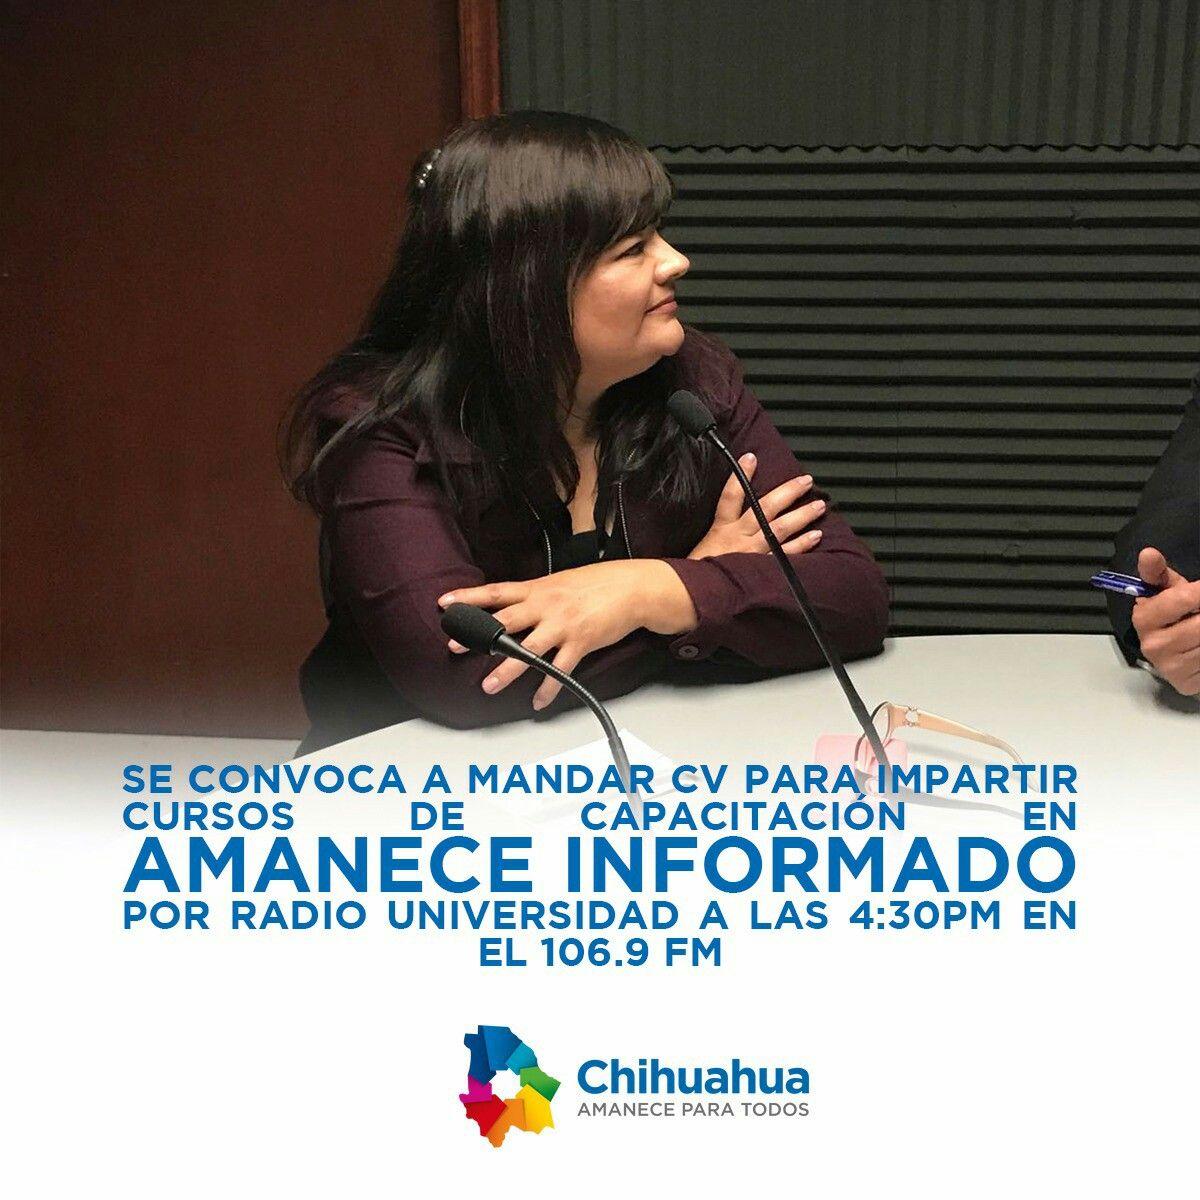 Mandar CV para impartir cursos de capacitación  #gobiernotransversal #gobiernodechihuahua #cuu #chihuahuamx